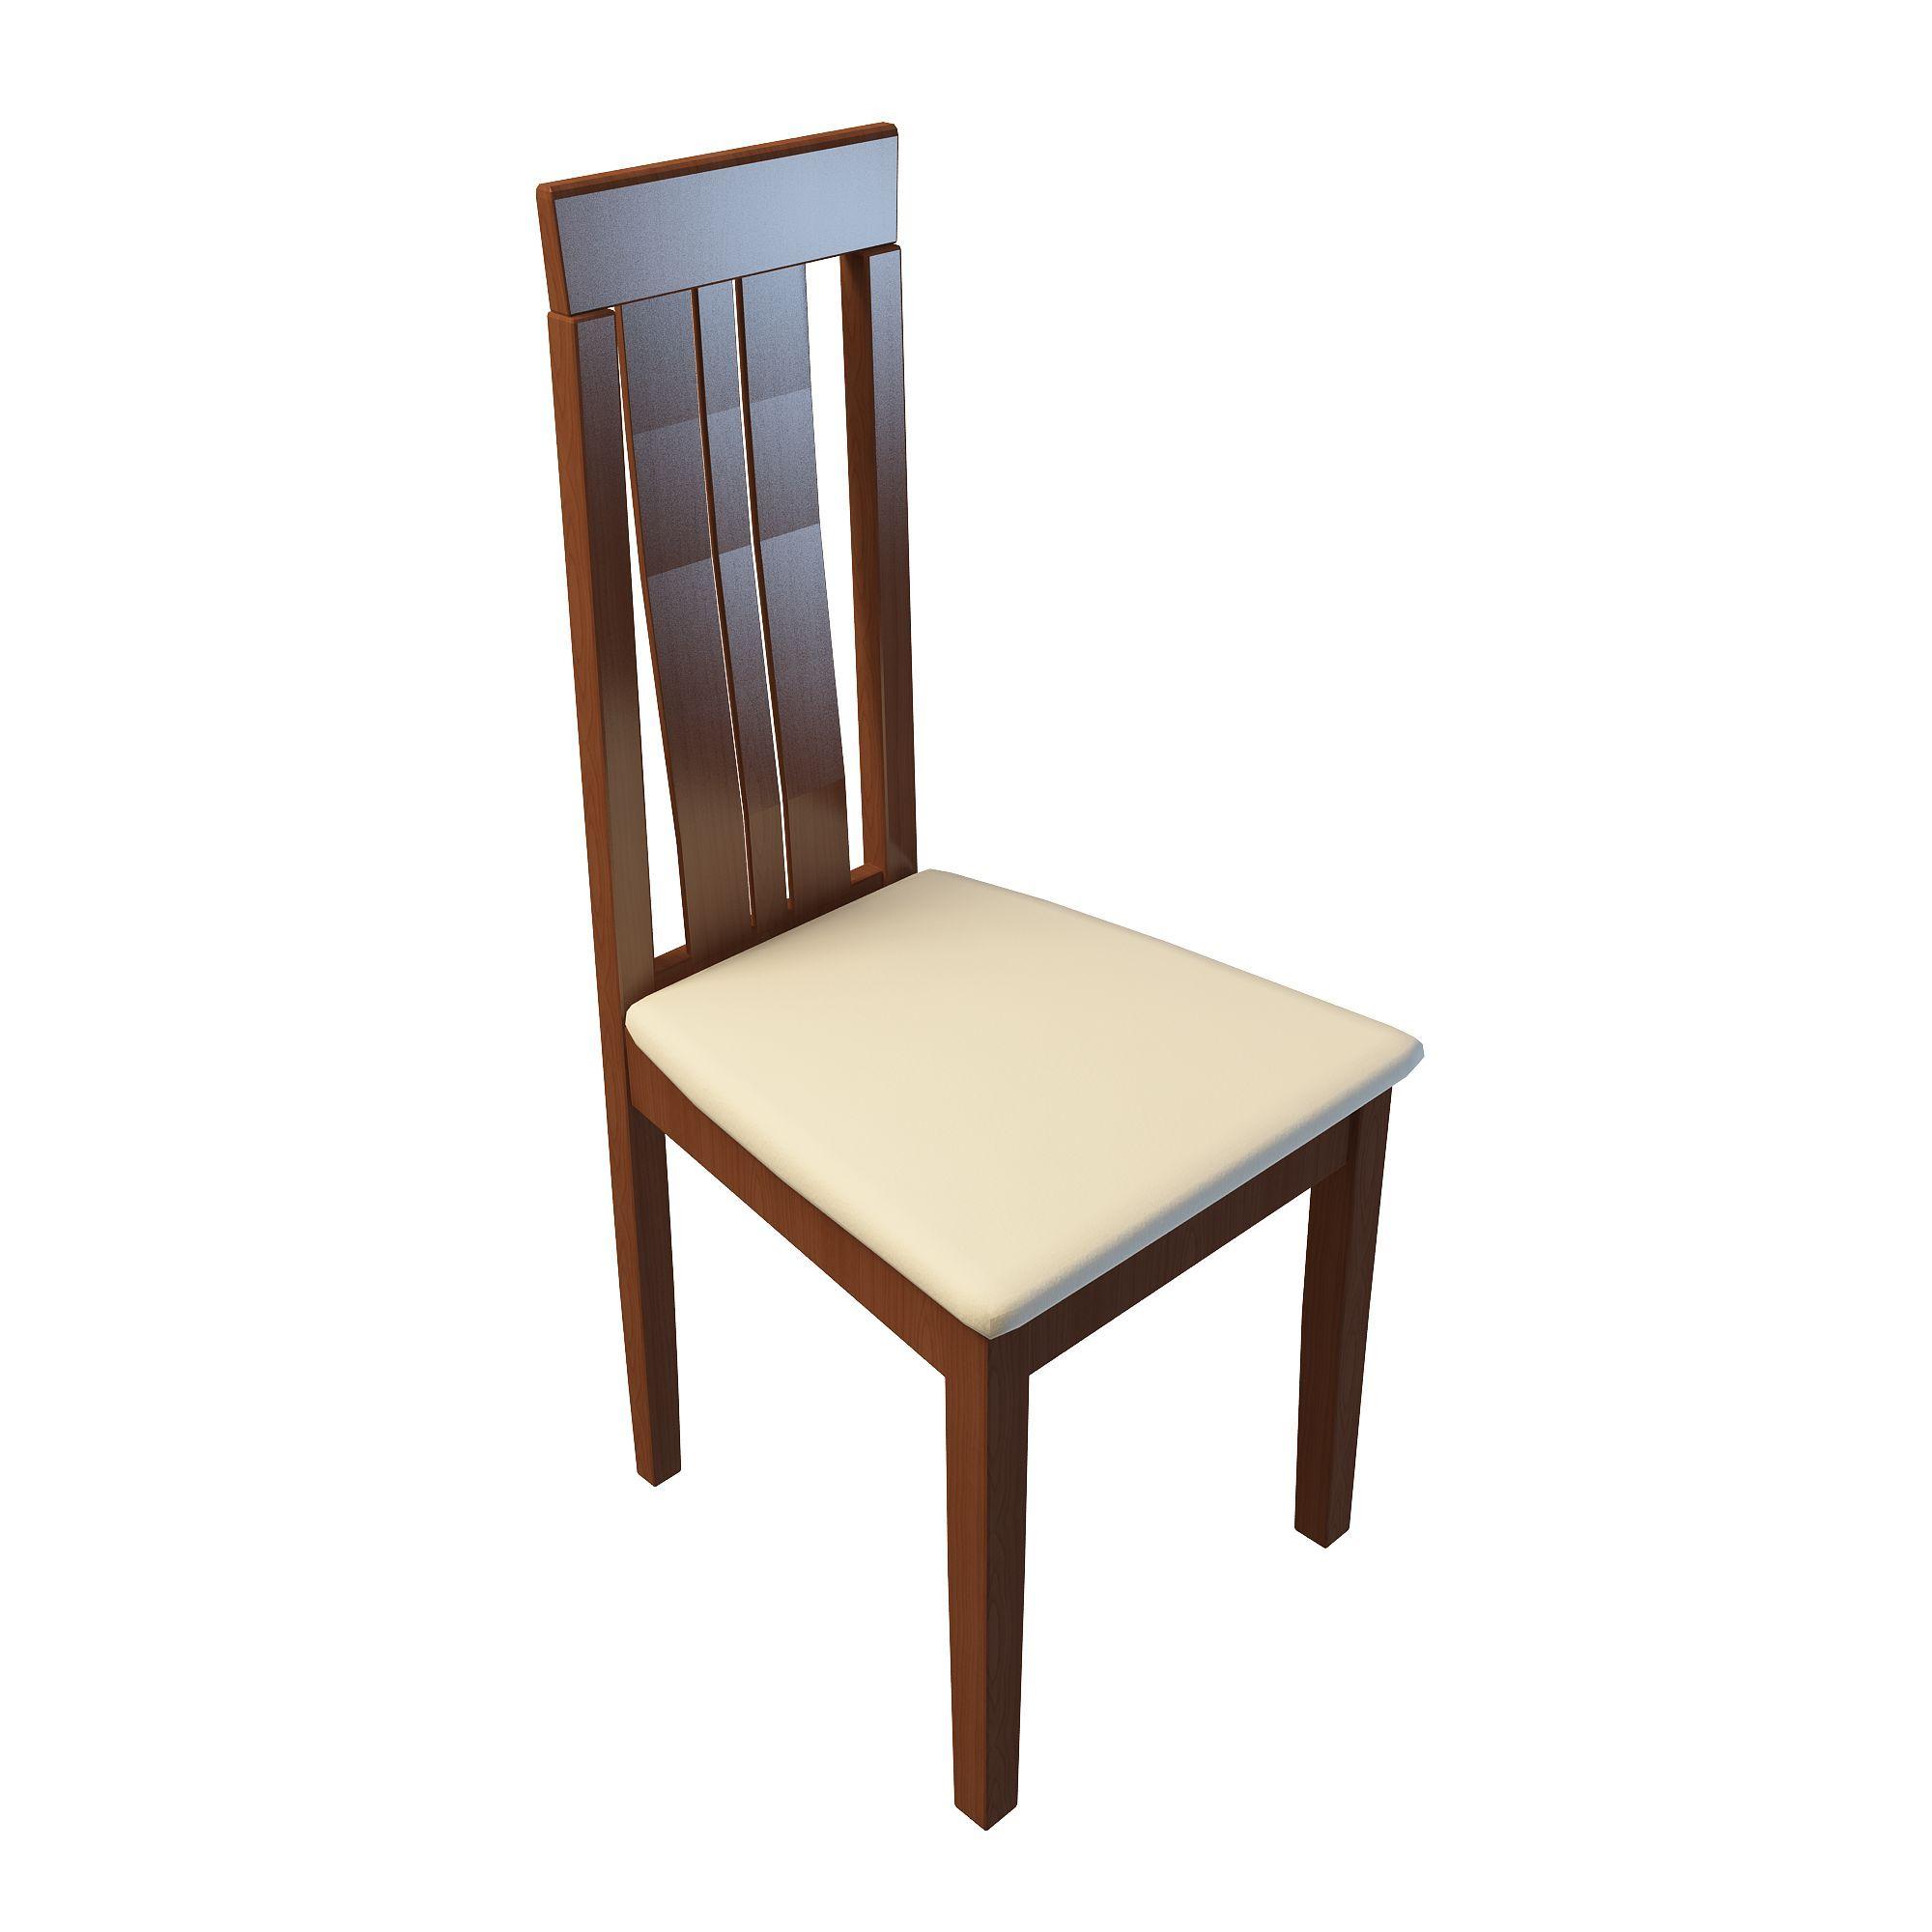 家具组合 椅 中式实木餐椅3d模型 中式实木餐椅png高清图  中式实木